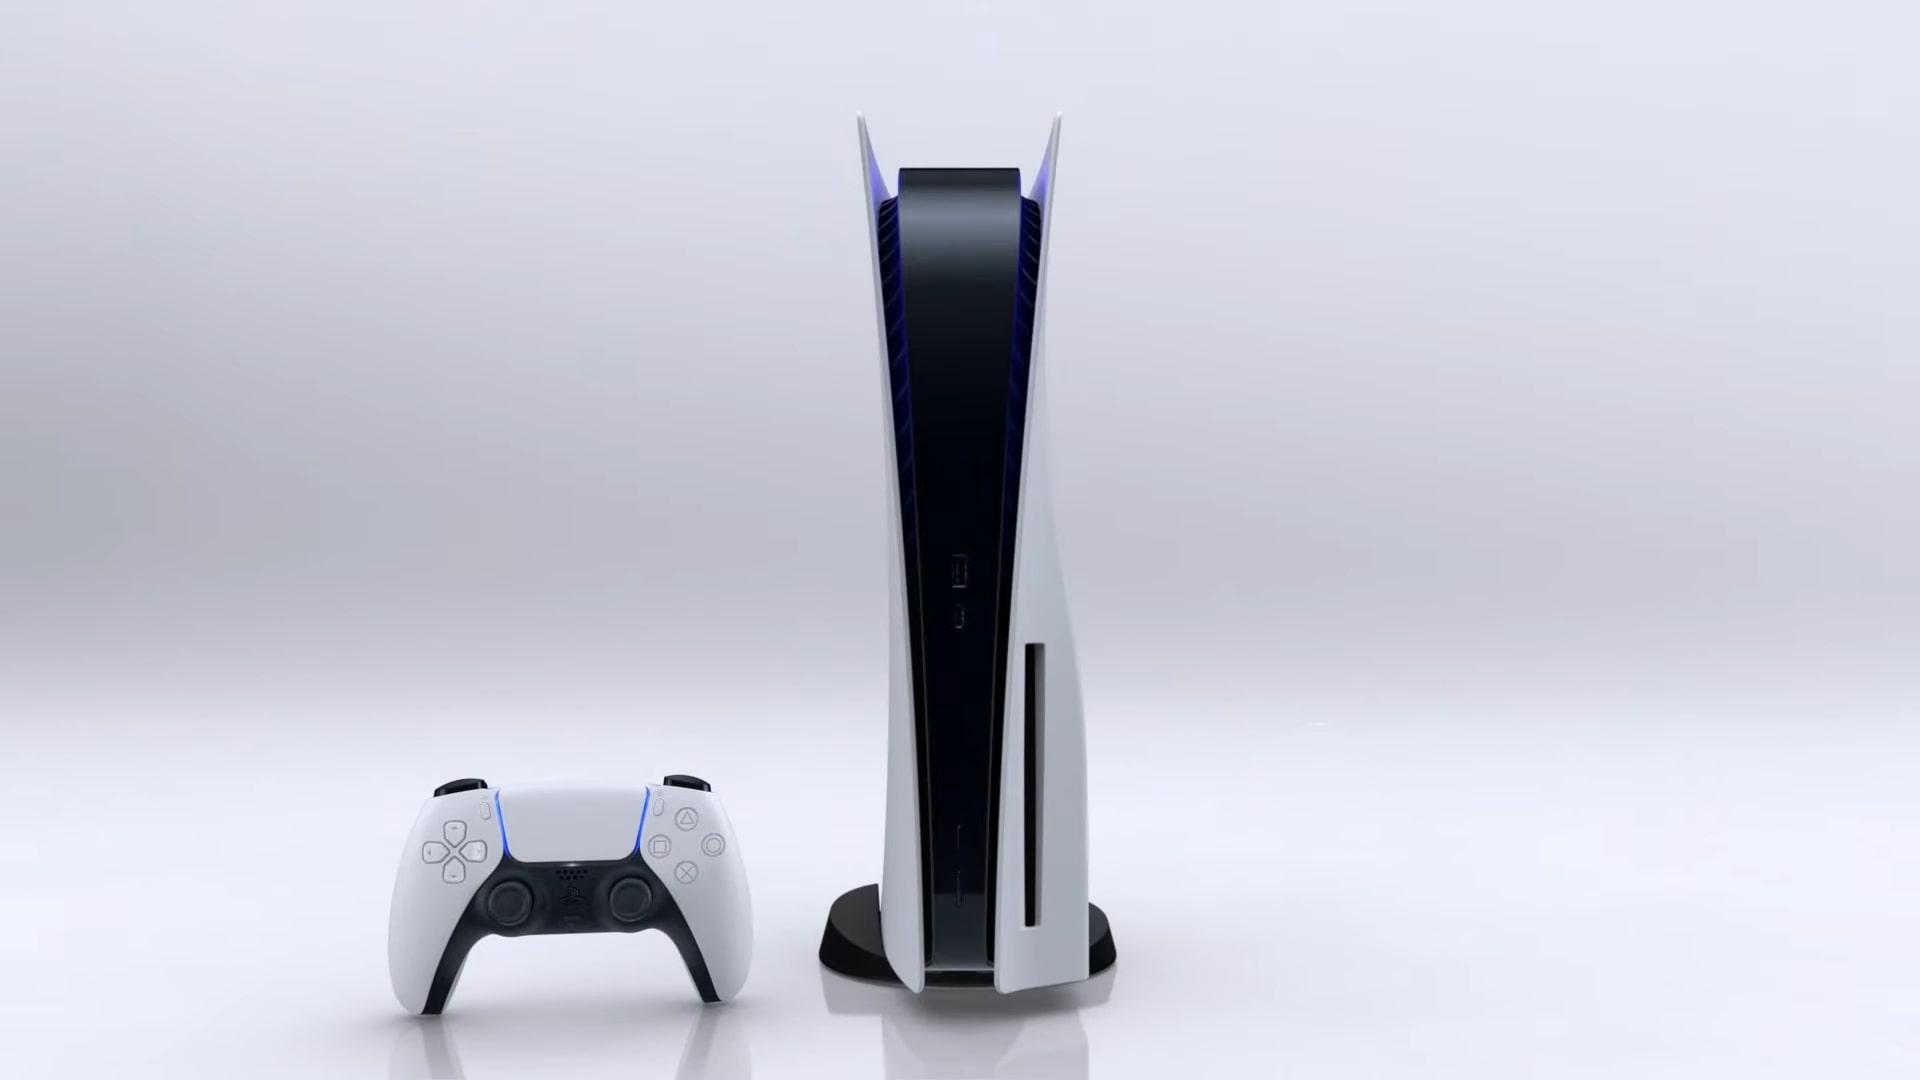 SIE官方宣布PS5全球销量已正式突破1000万台